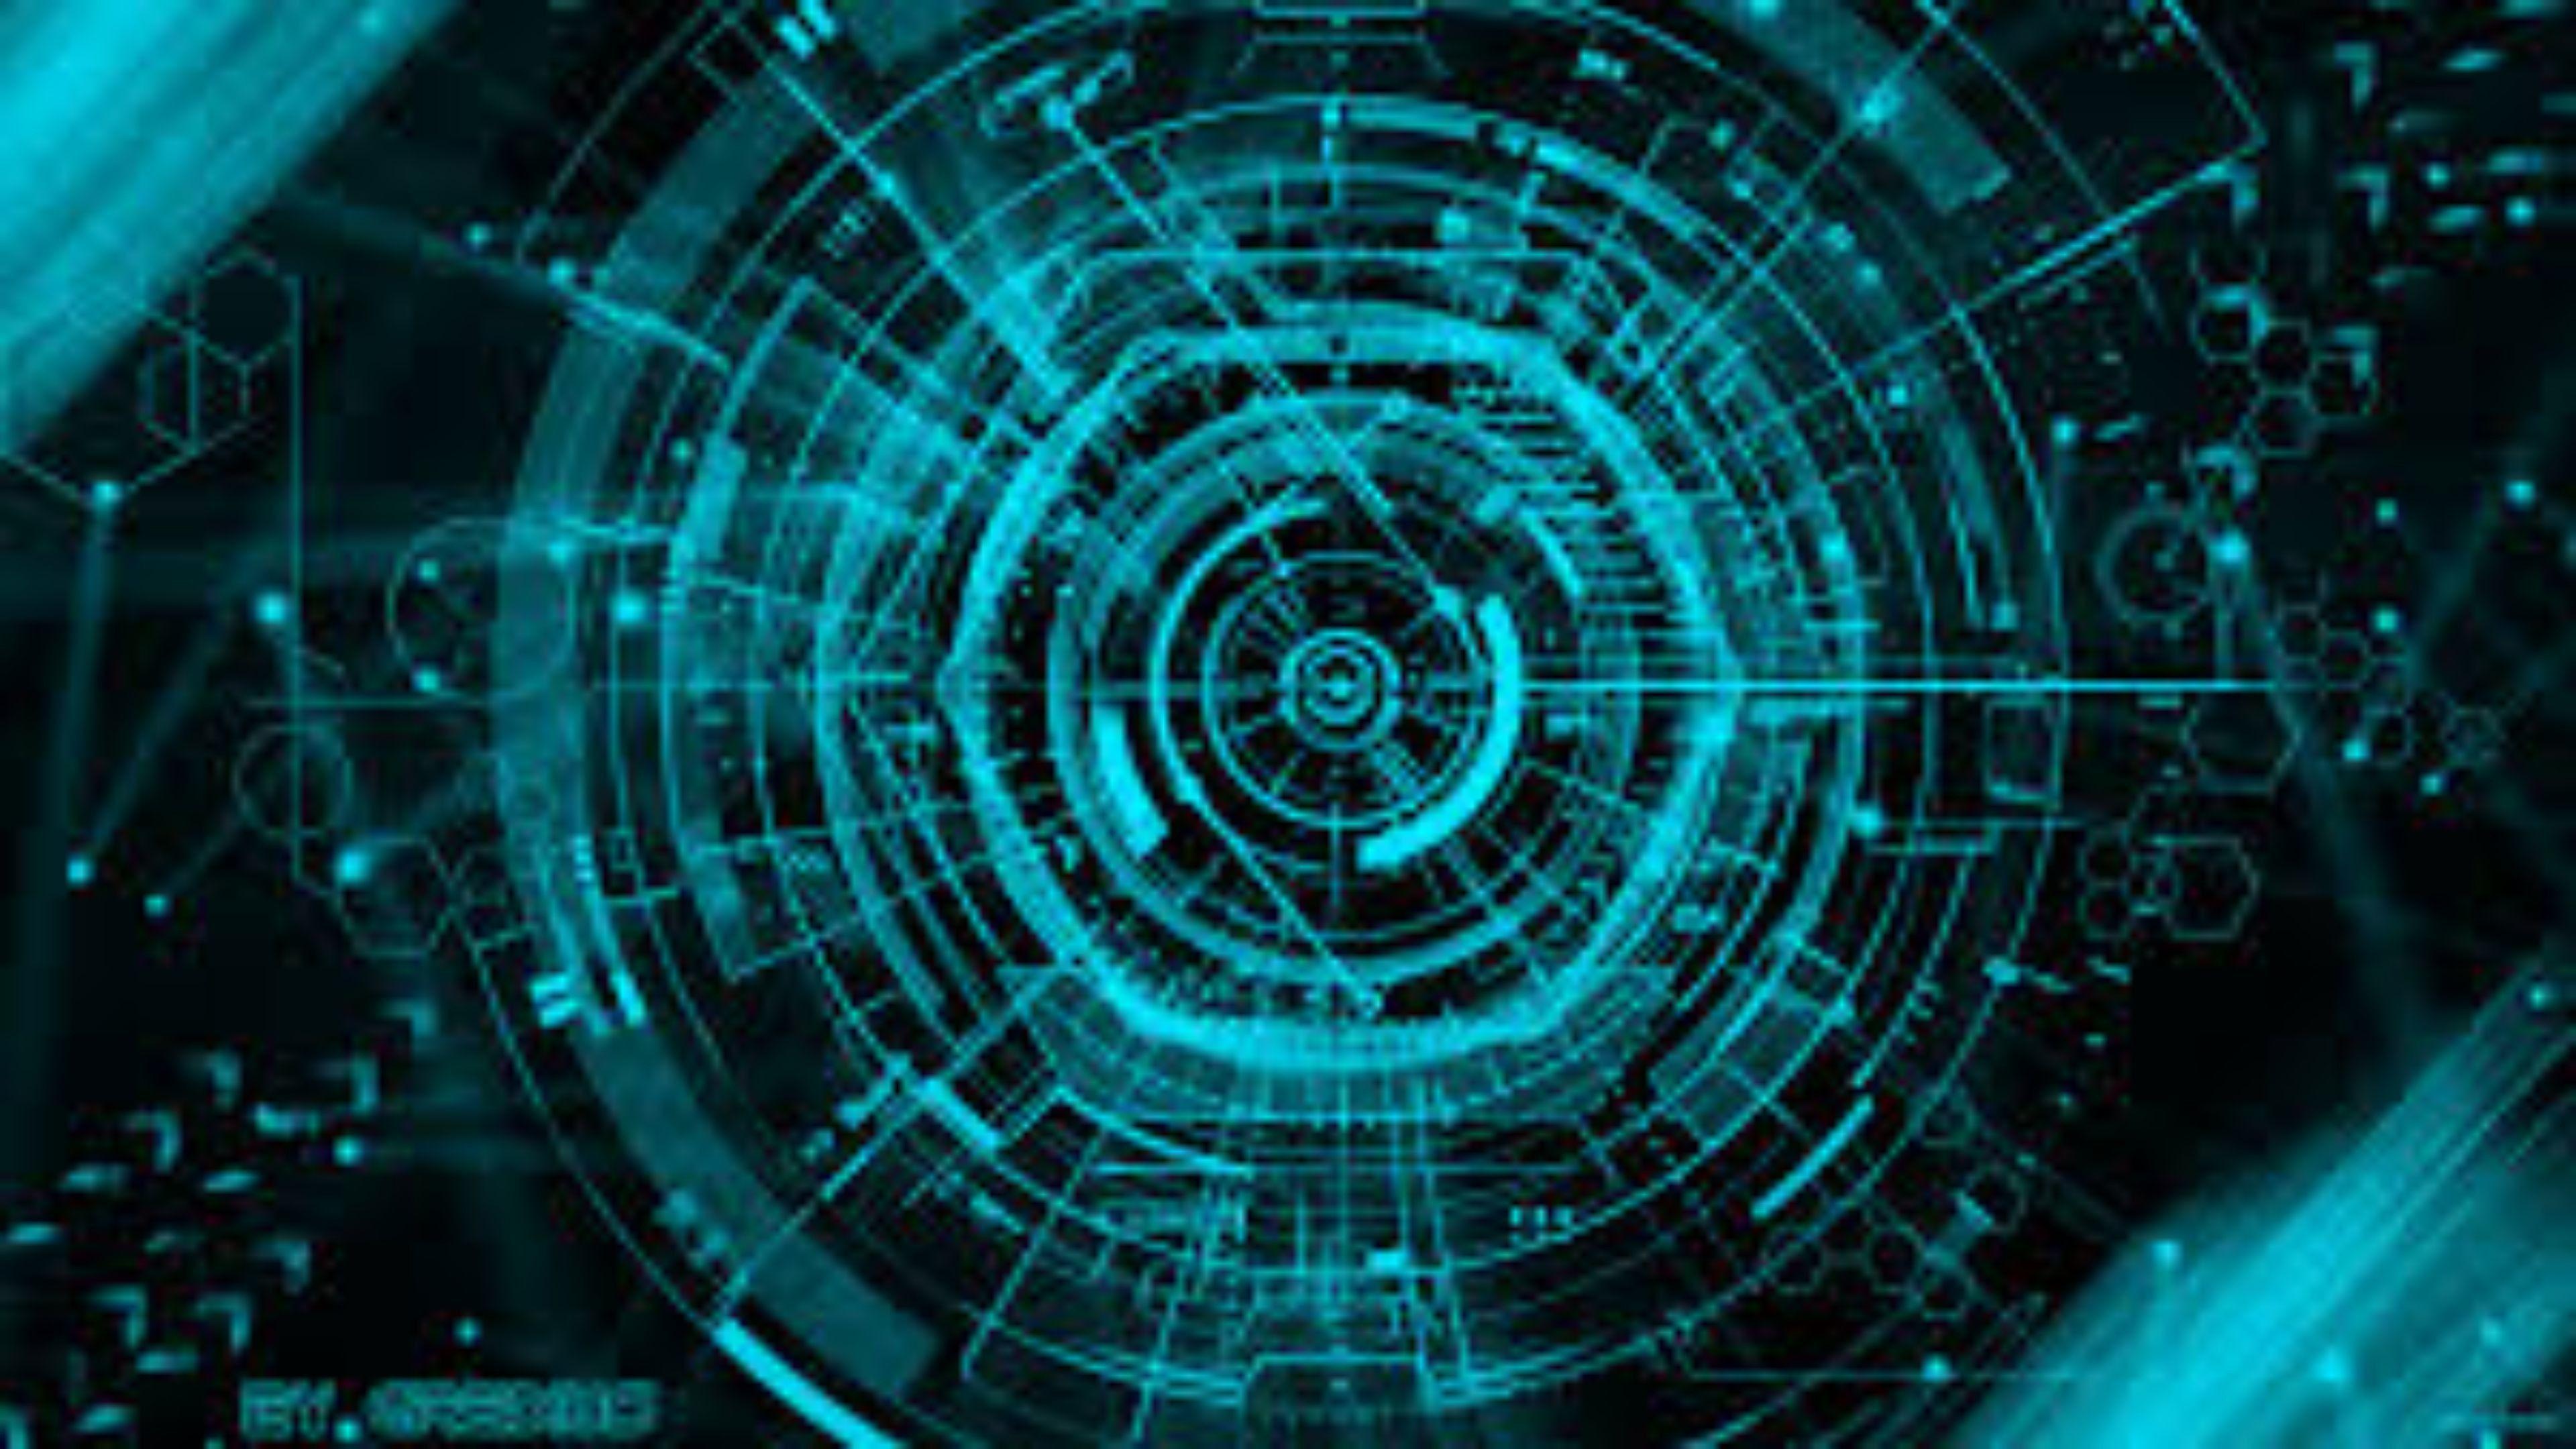 3840x2160 Hd Digital Wallpaper Backgrounds For Free Download Computer Wallpaper Hd Technology Wallpaper Computer Wallpaper